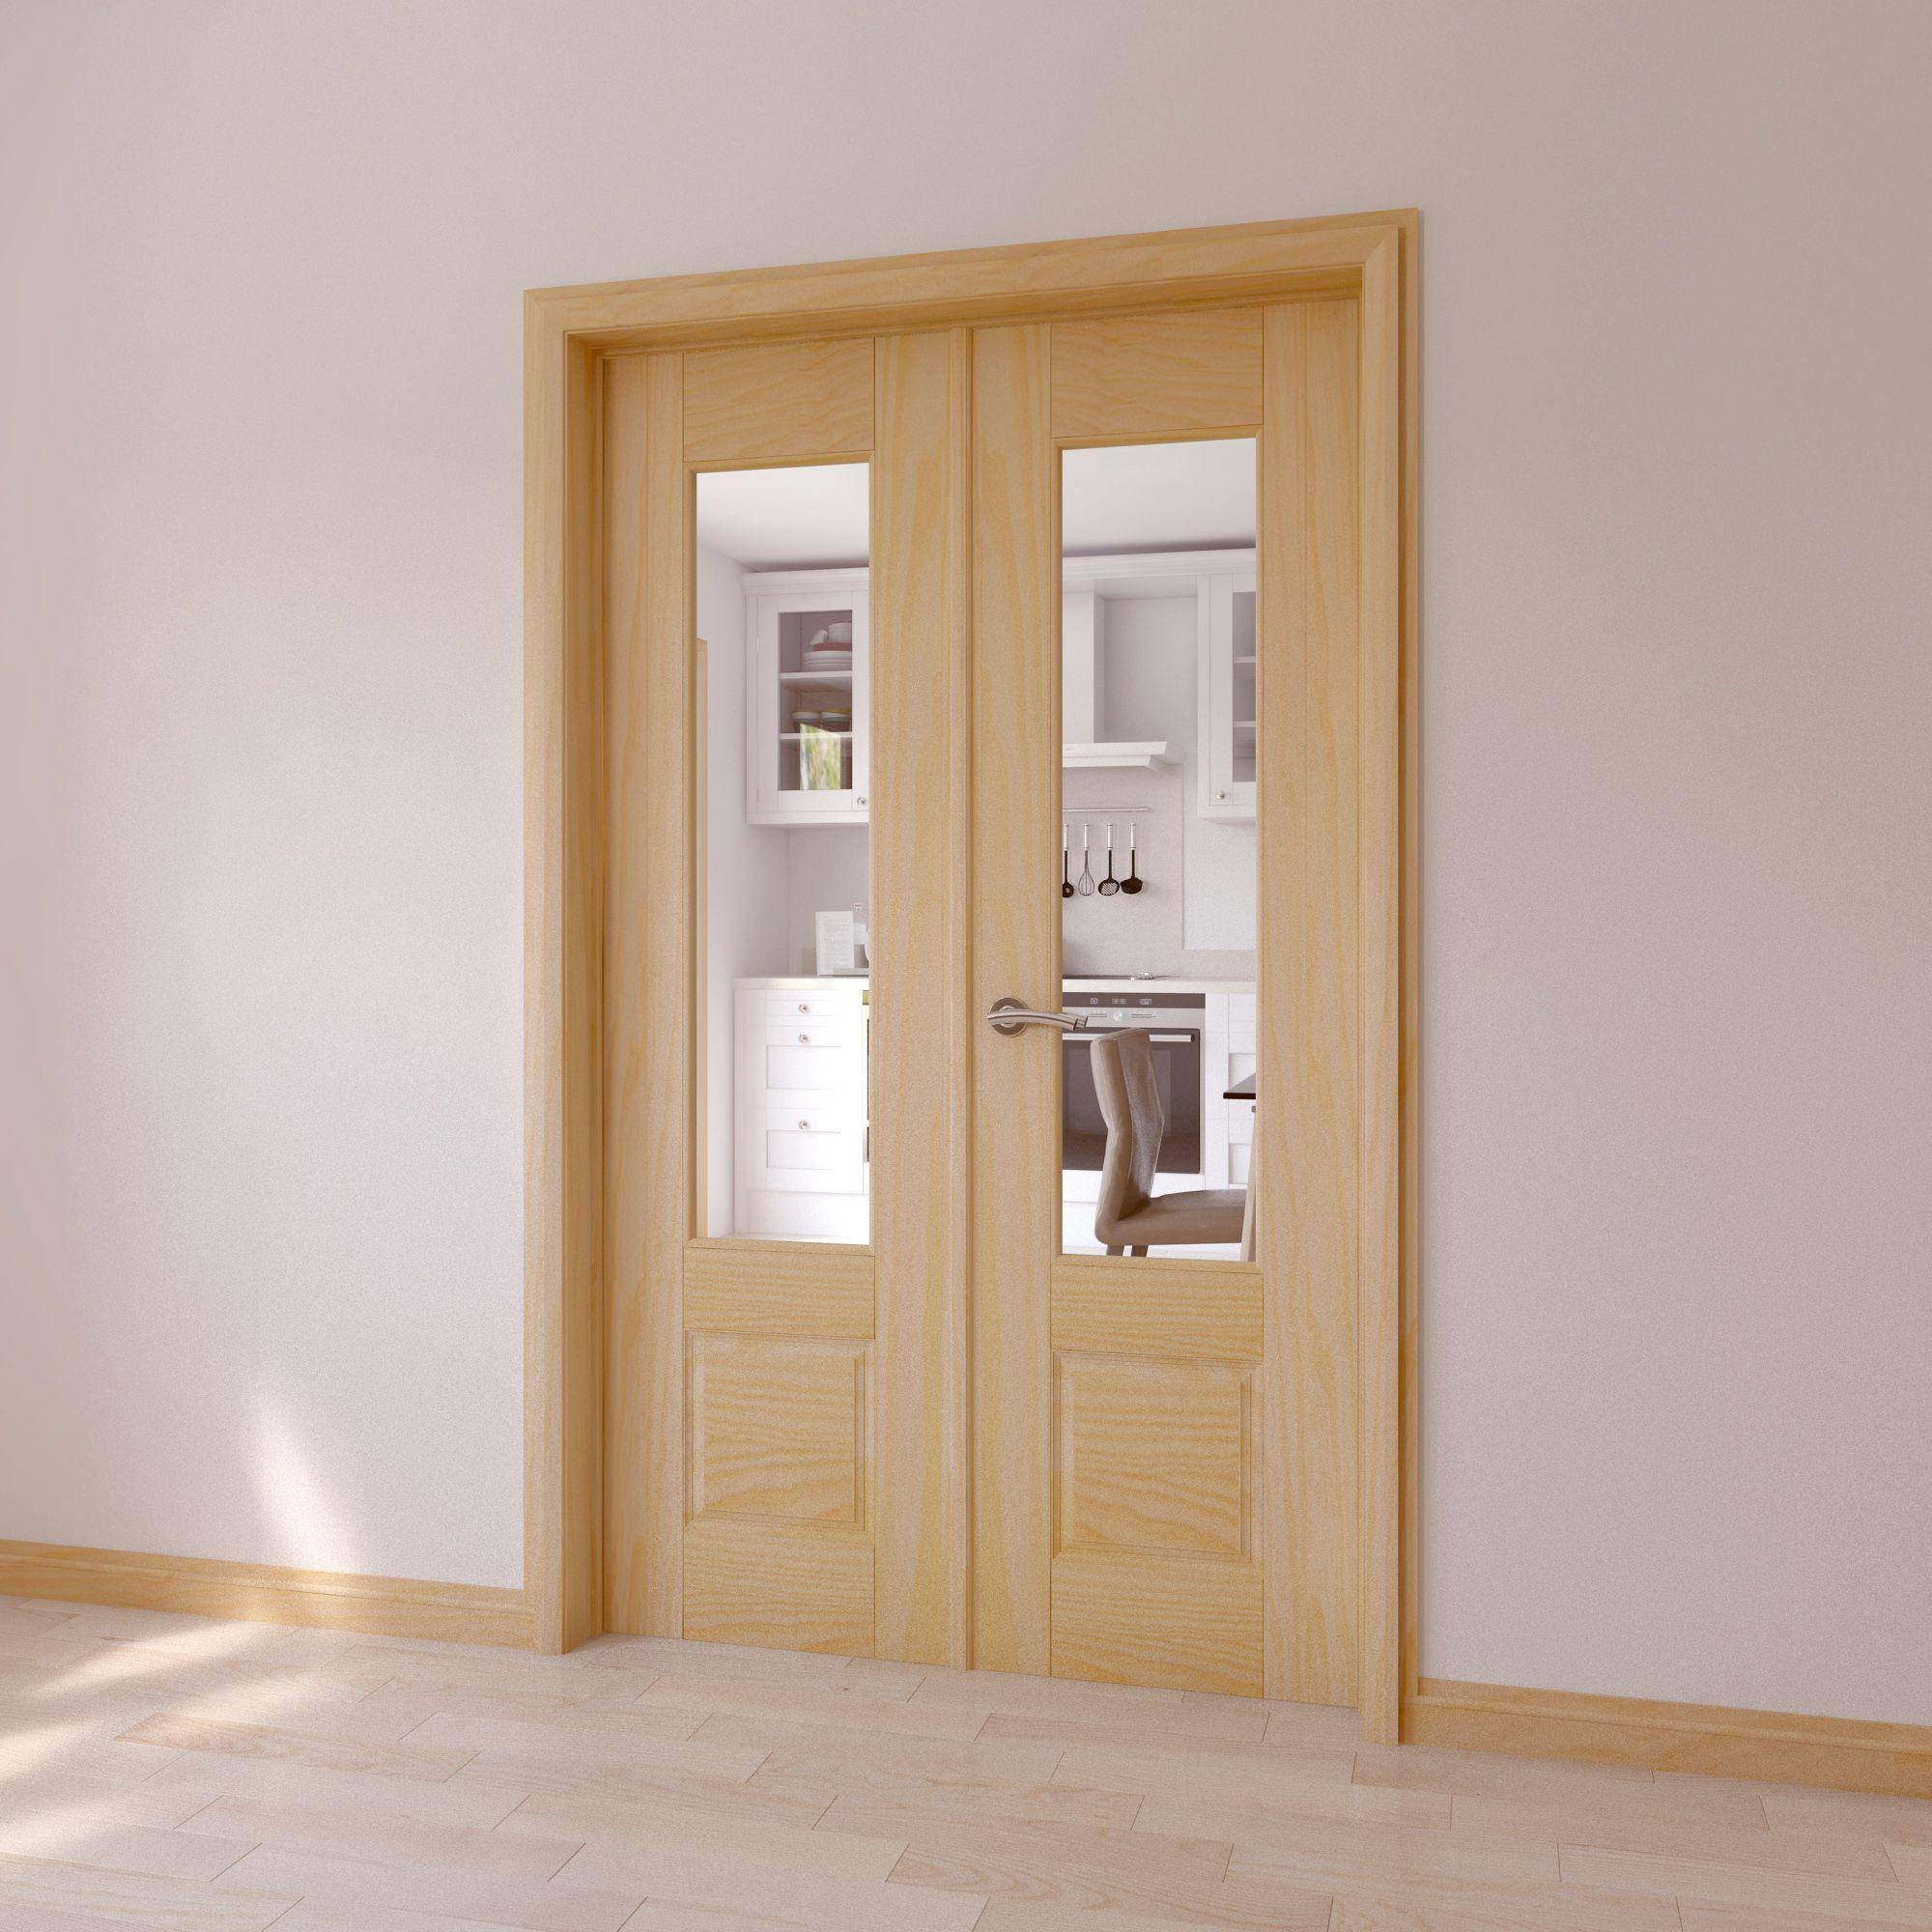 Clear glazed door diy for 1 lite french door